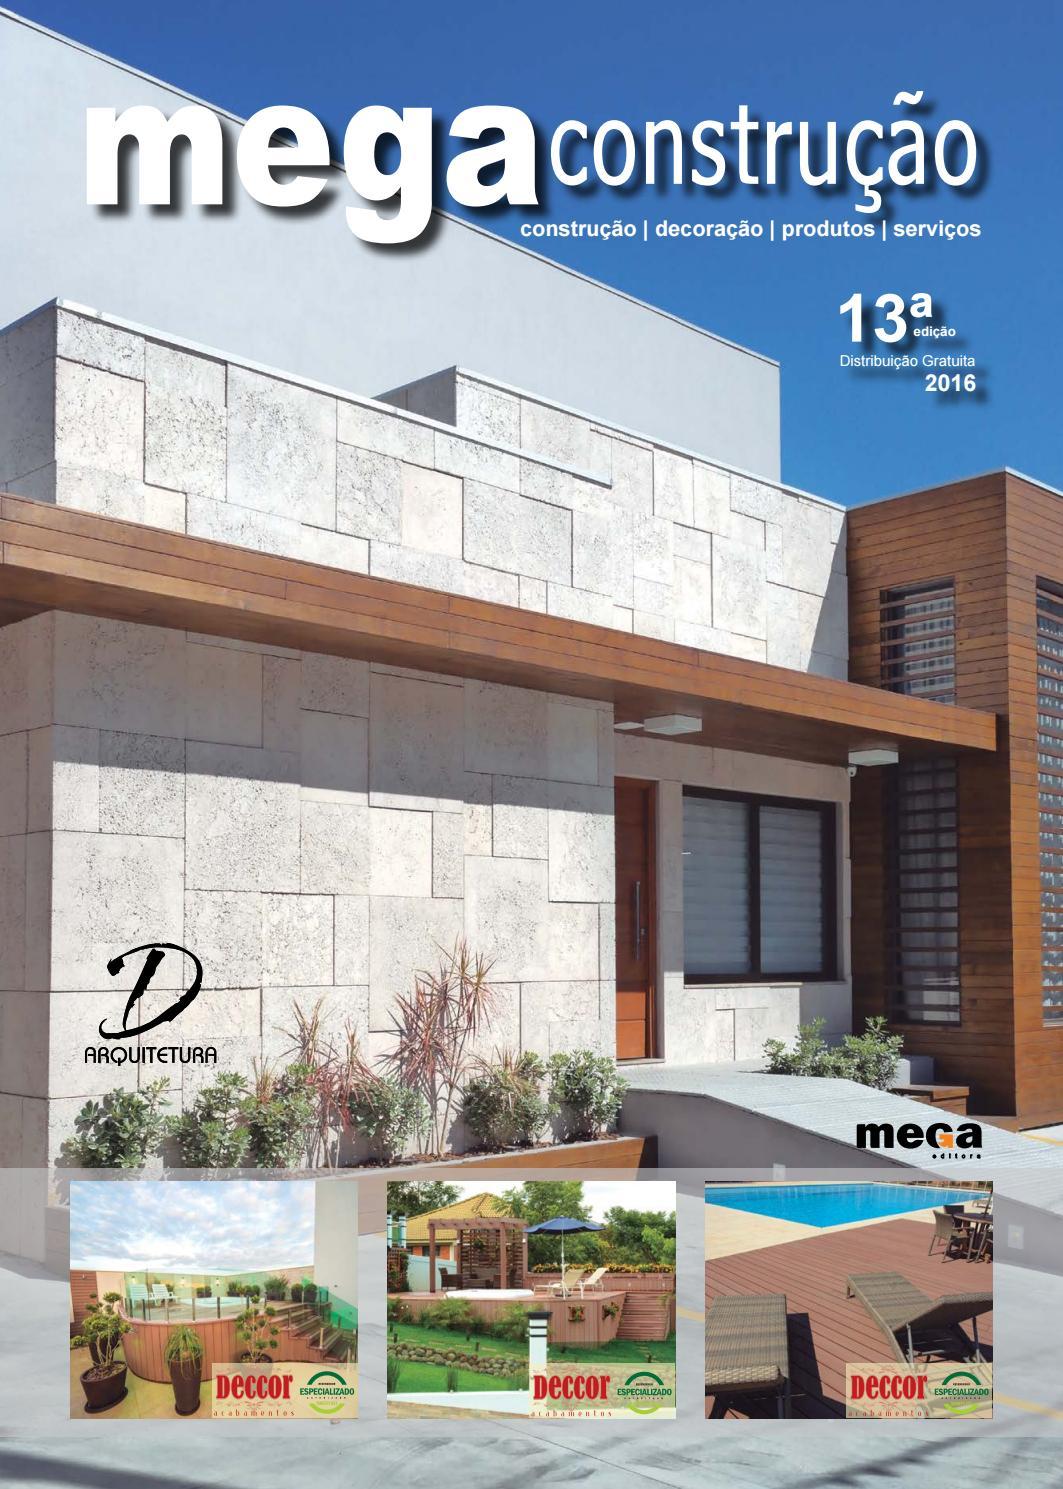 Muro de tijolo a vista fotos e modelos casa constru 237 da - Muro De Tijolo A Vista Fotos E Modelos Casa Constru 237 Da 8